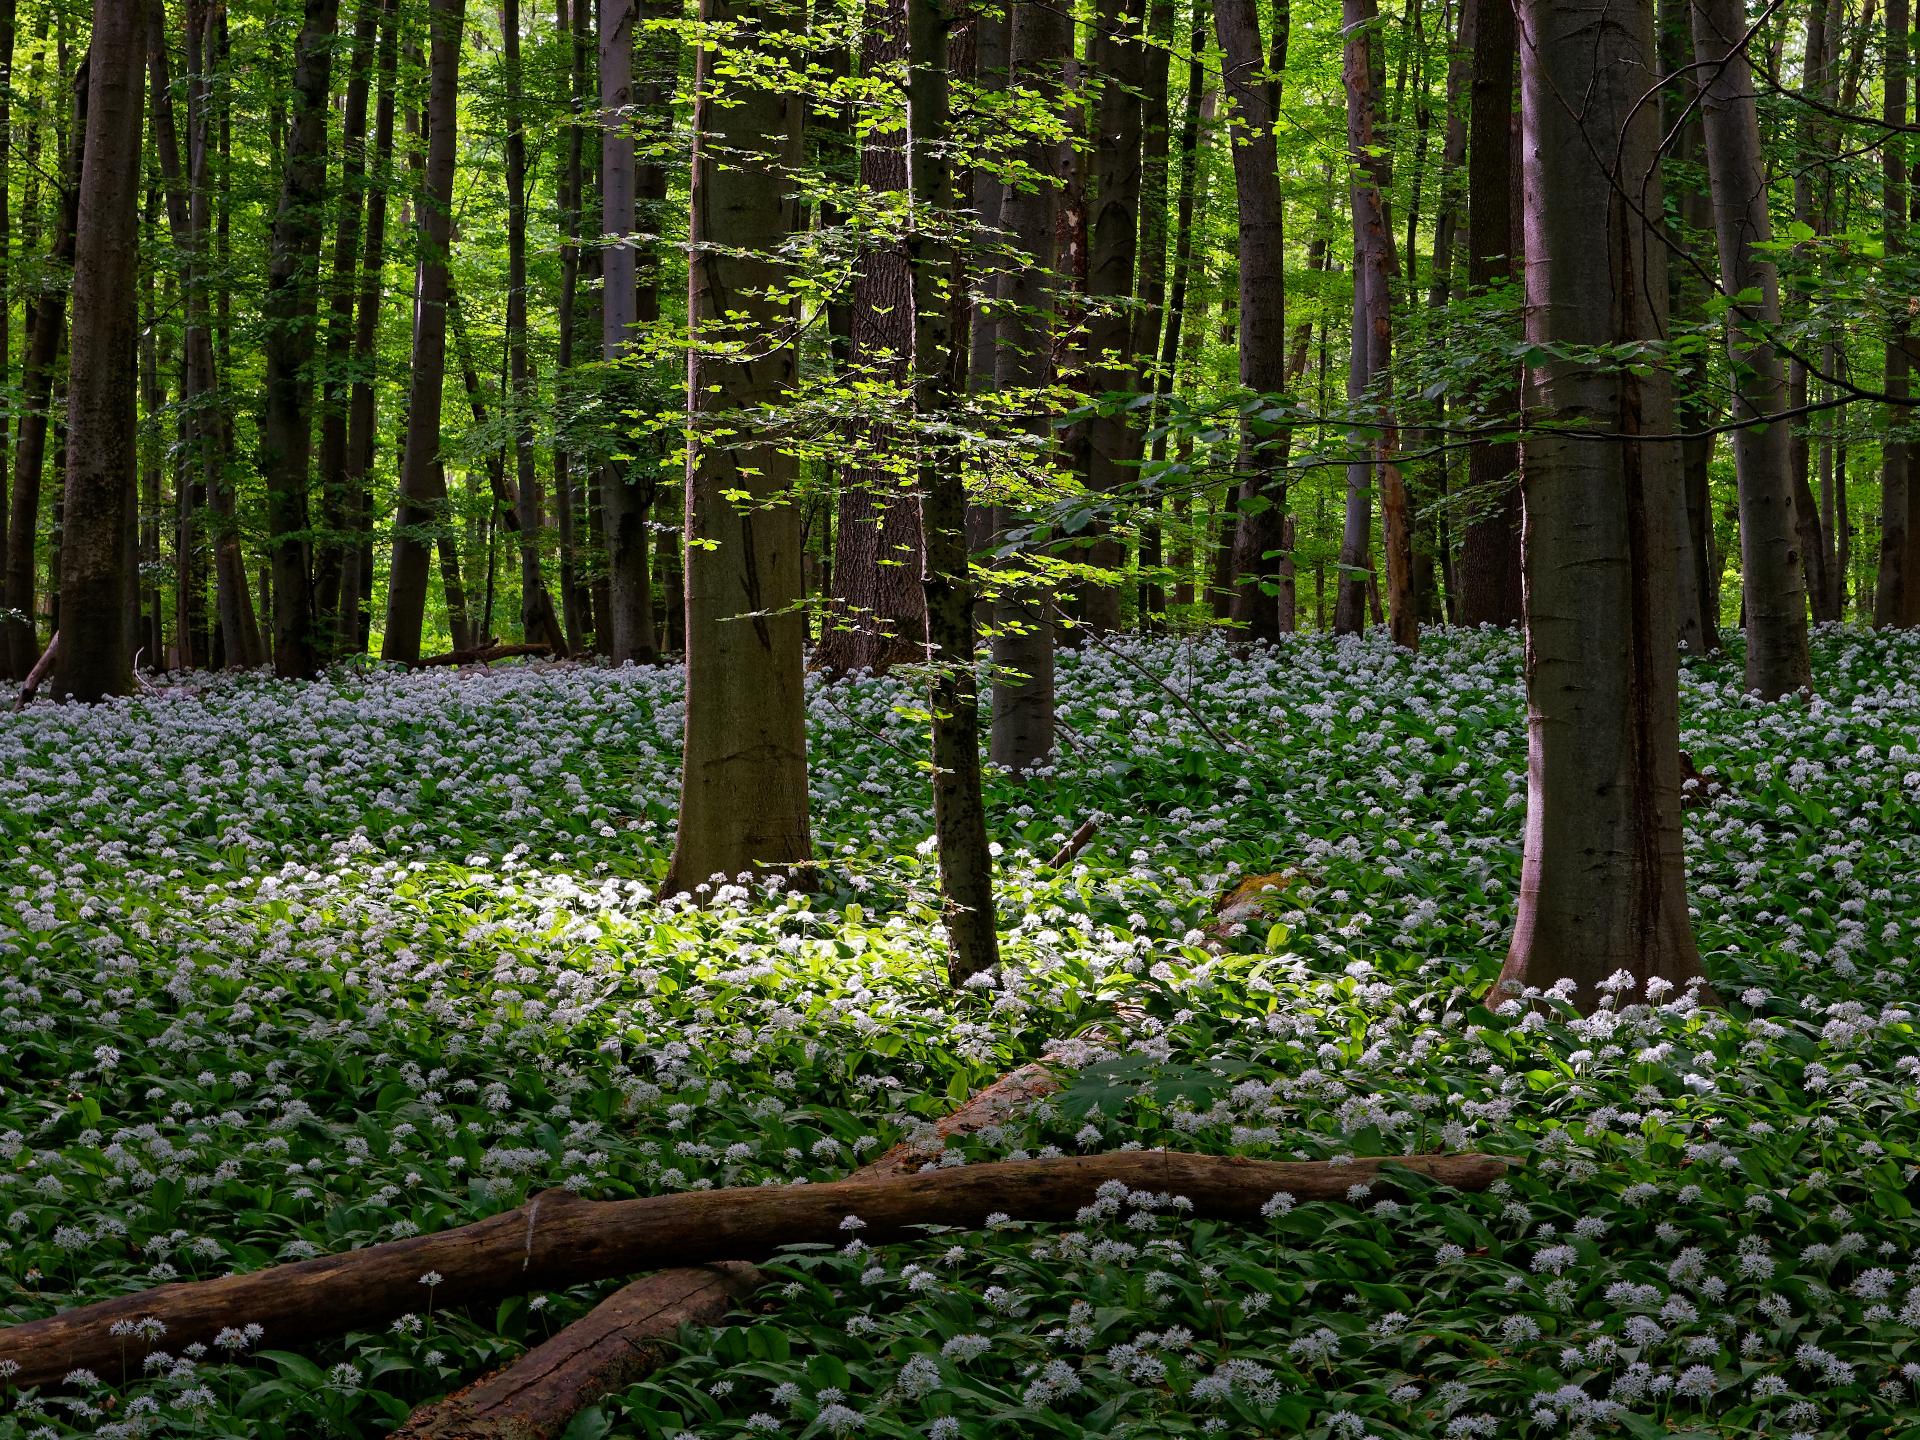 Im März findet man sehr häufig riesige Bärlauchfelder. - Photocredit: pixabay.com/9685995